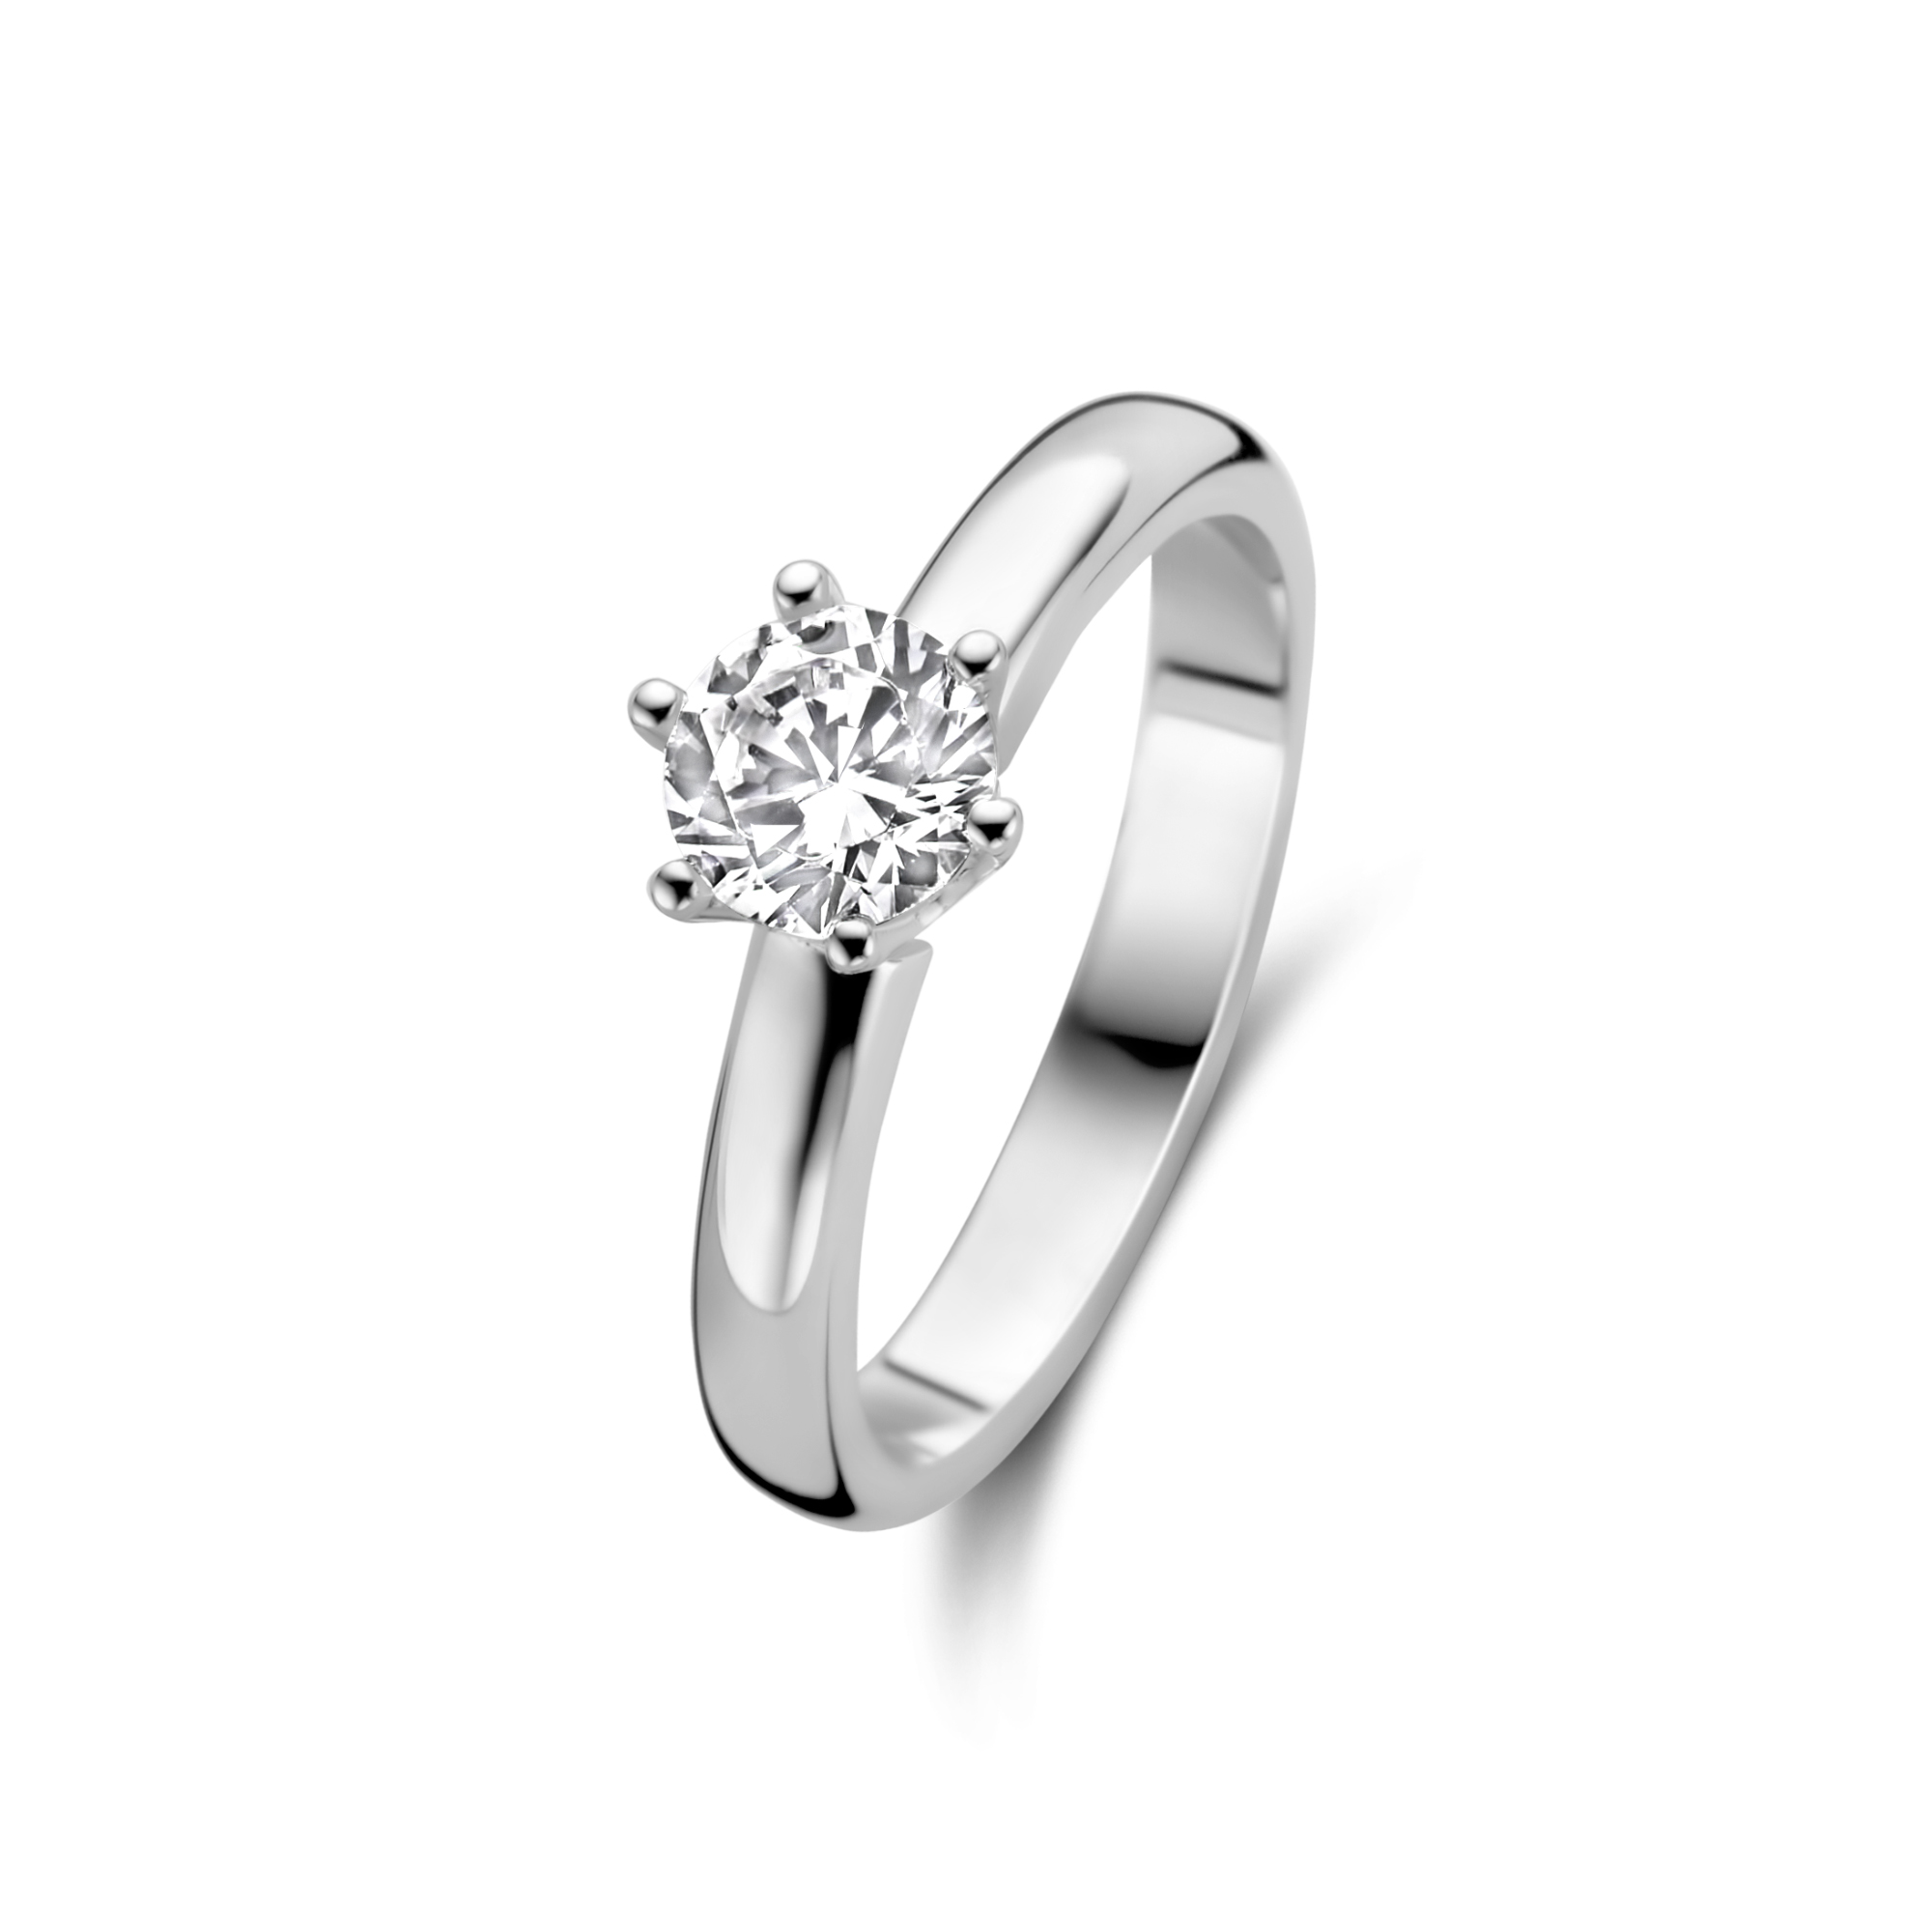 Zilveren solitaire ring gezet met zirkonia steen van 5,5mm